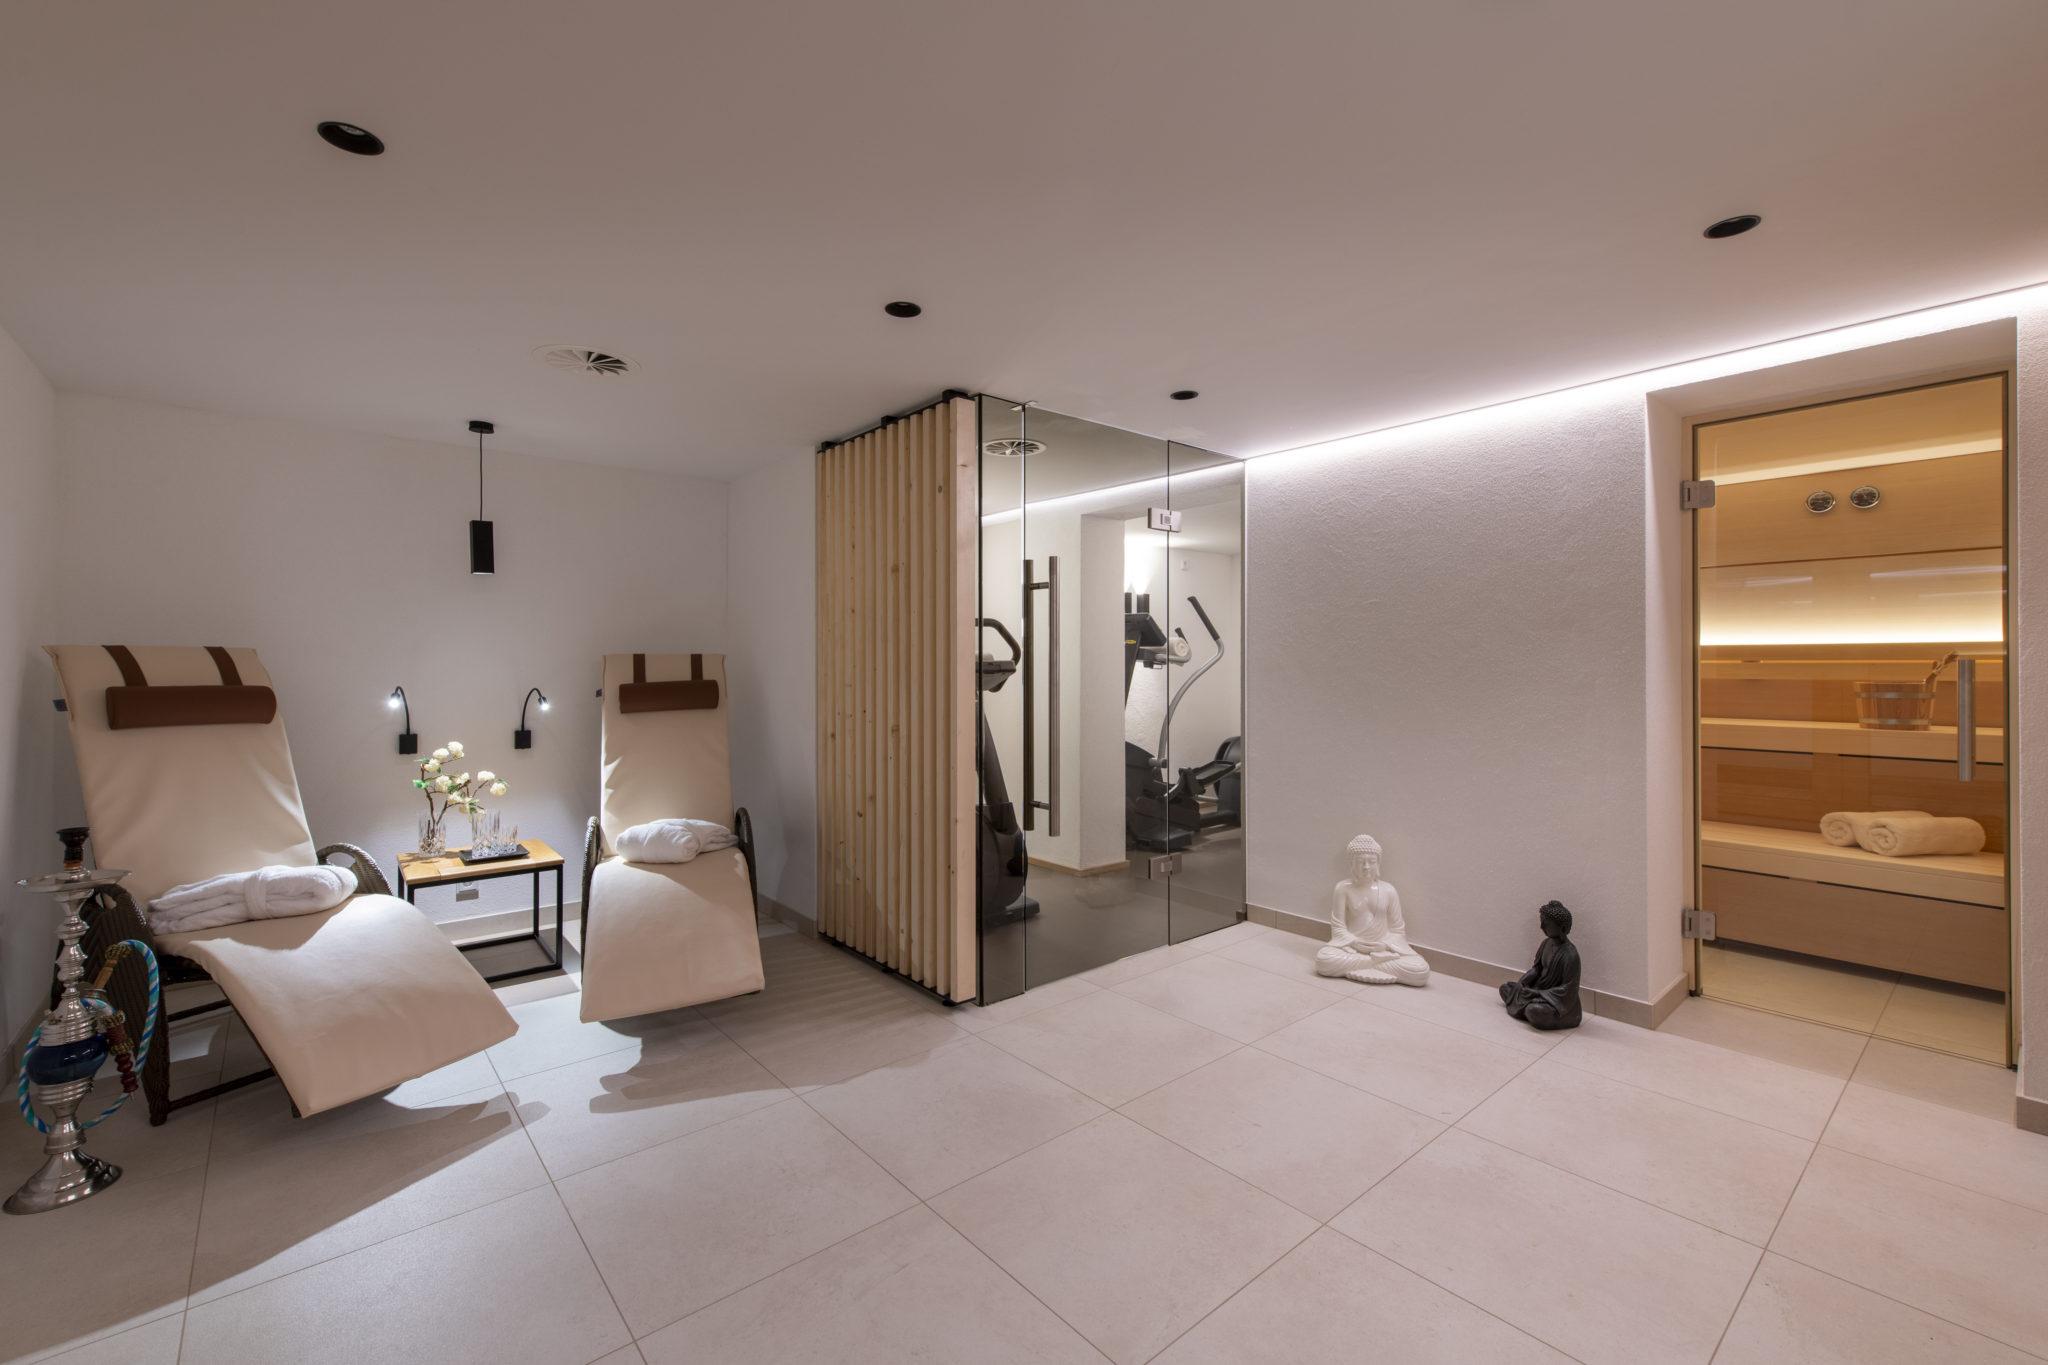 bhlhof-penthouse-11394-scaled